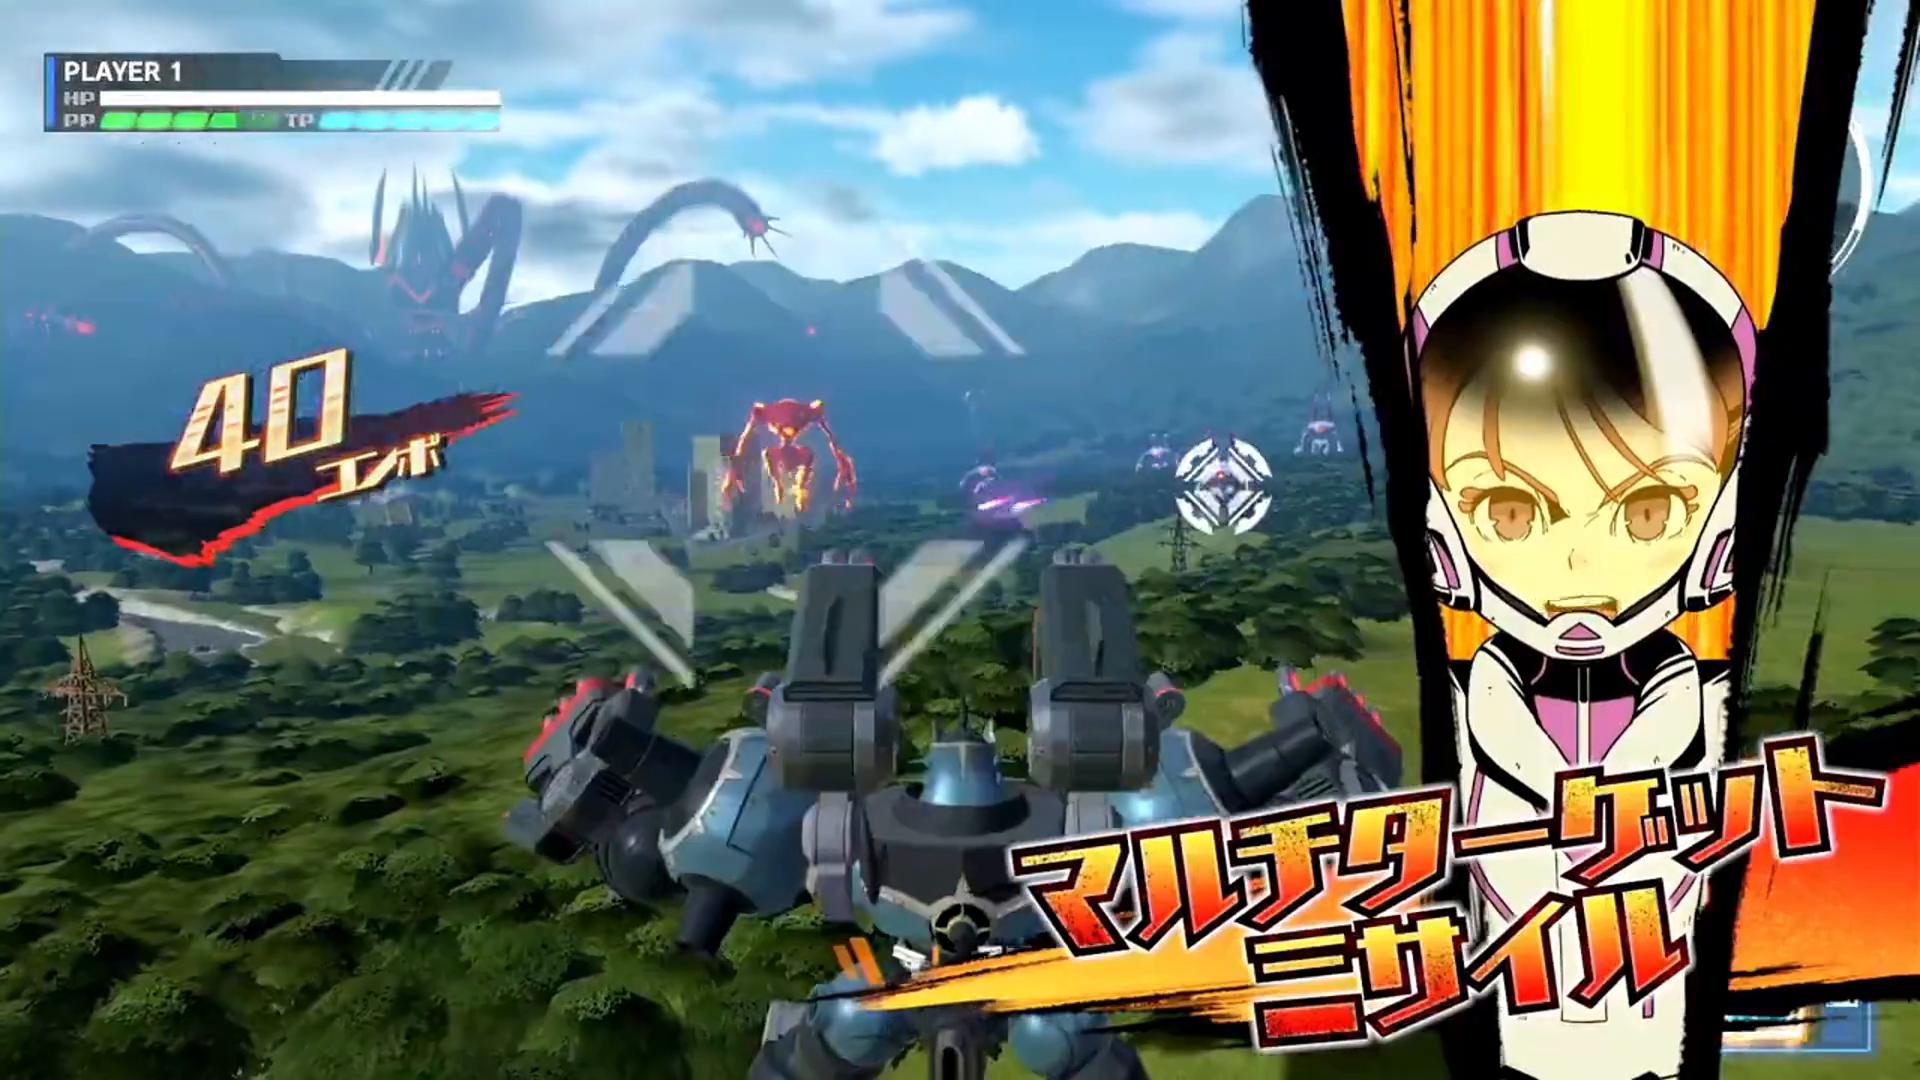 El primer juego de Level-5 para PS5 es Megaton Musashi